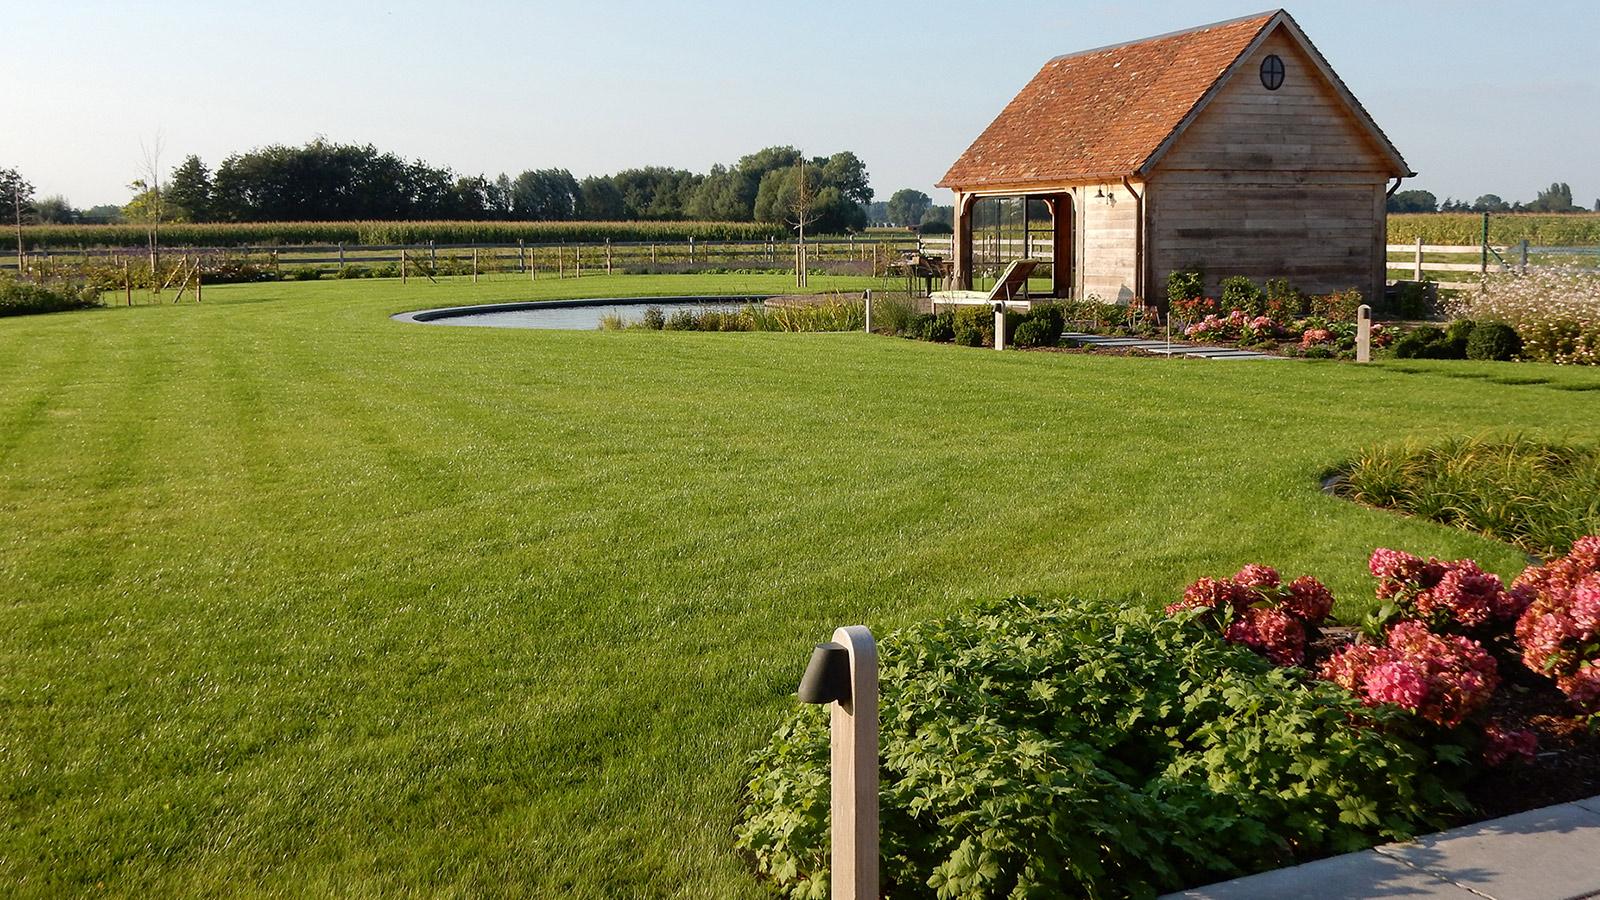 Totaalontwerp en aanleg van een landelijke tuin for Grind tuin